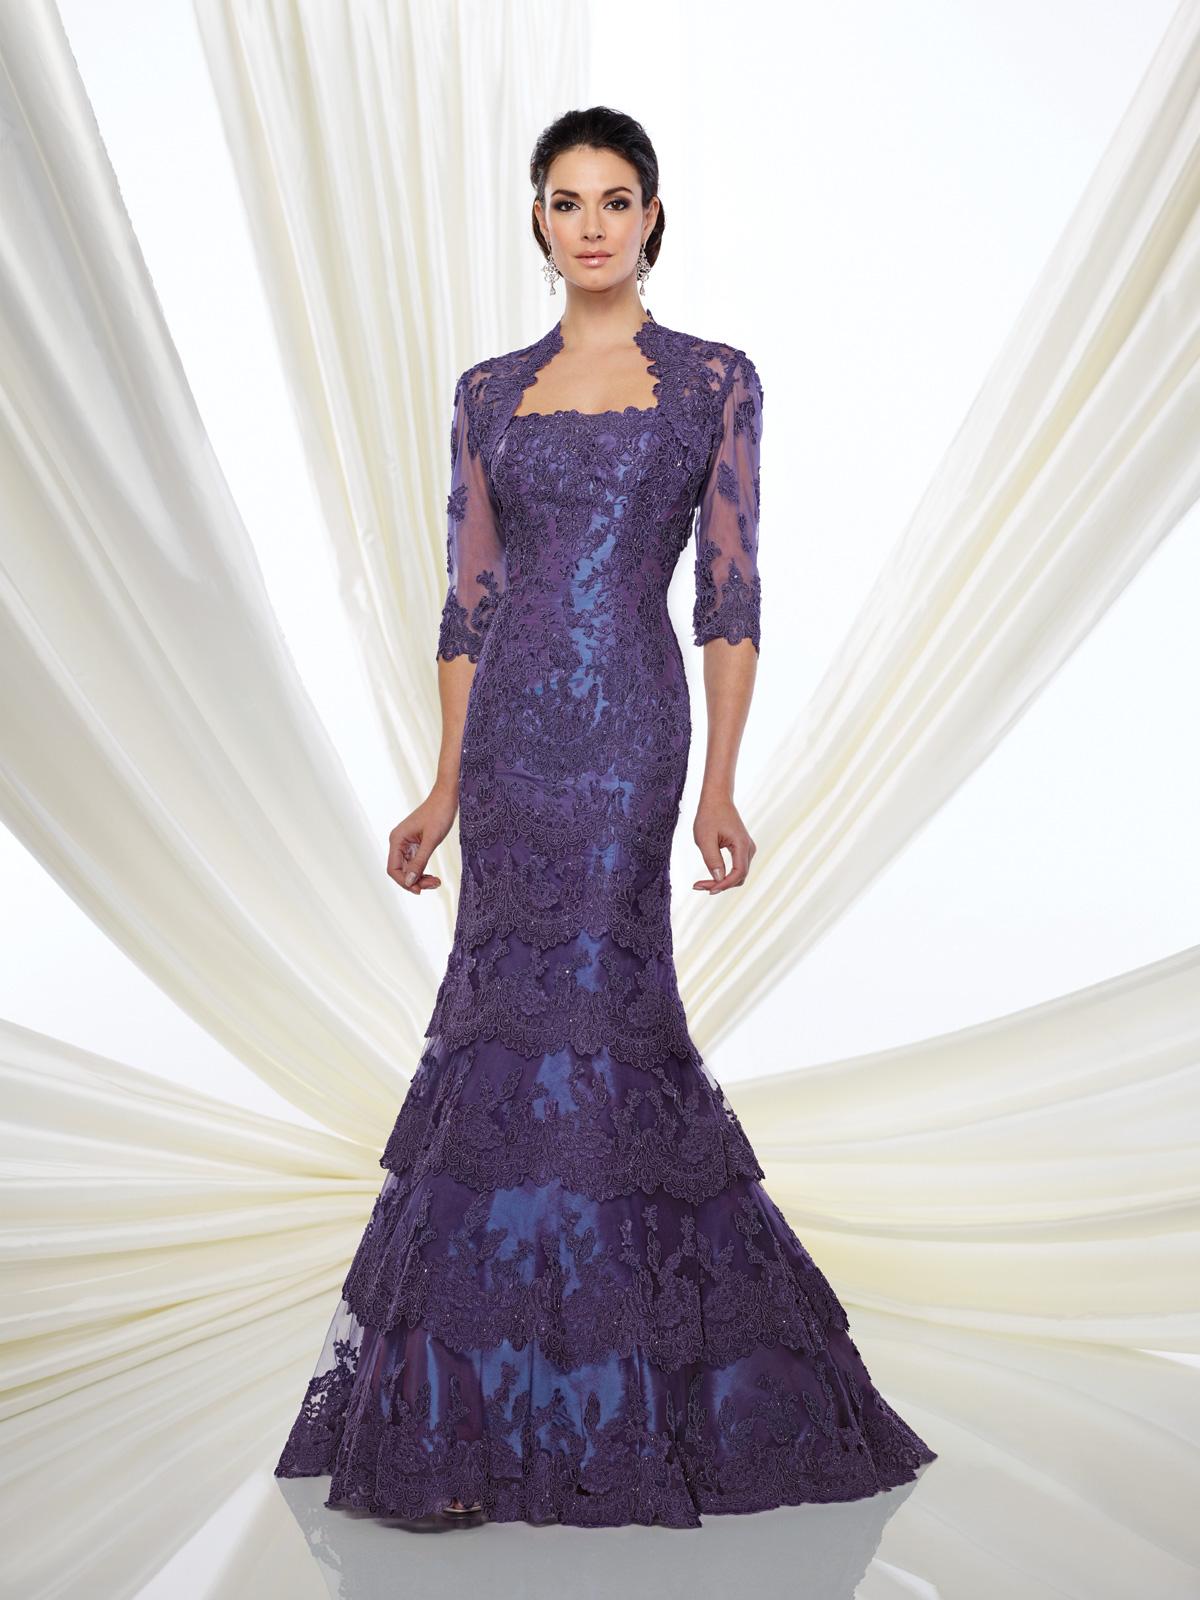 Vestido de Festa tomara que caia com corte sereia confeccionado em renda soutache francesa rebordada em pedrarias, bolero opcional.